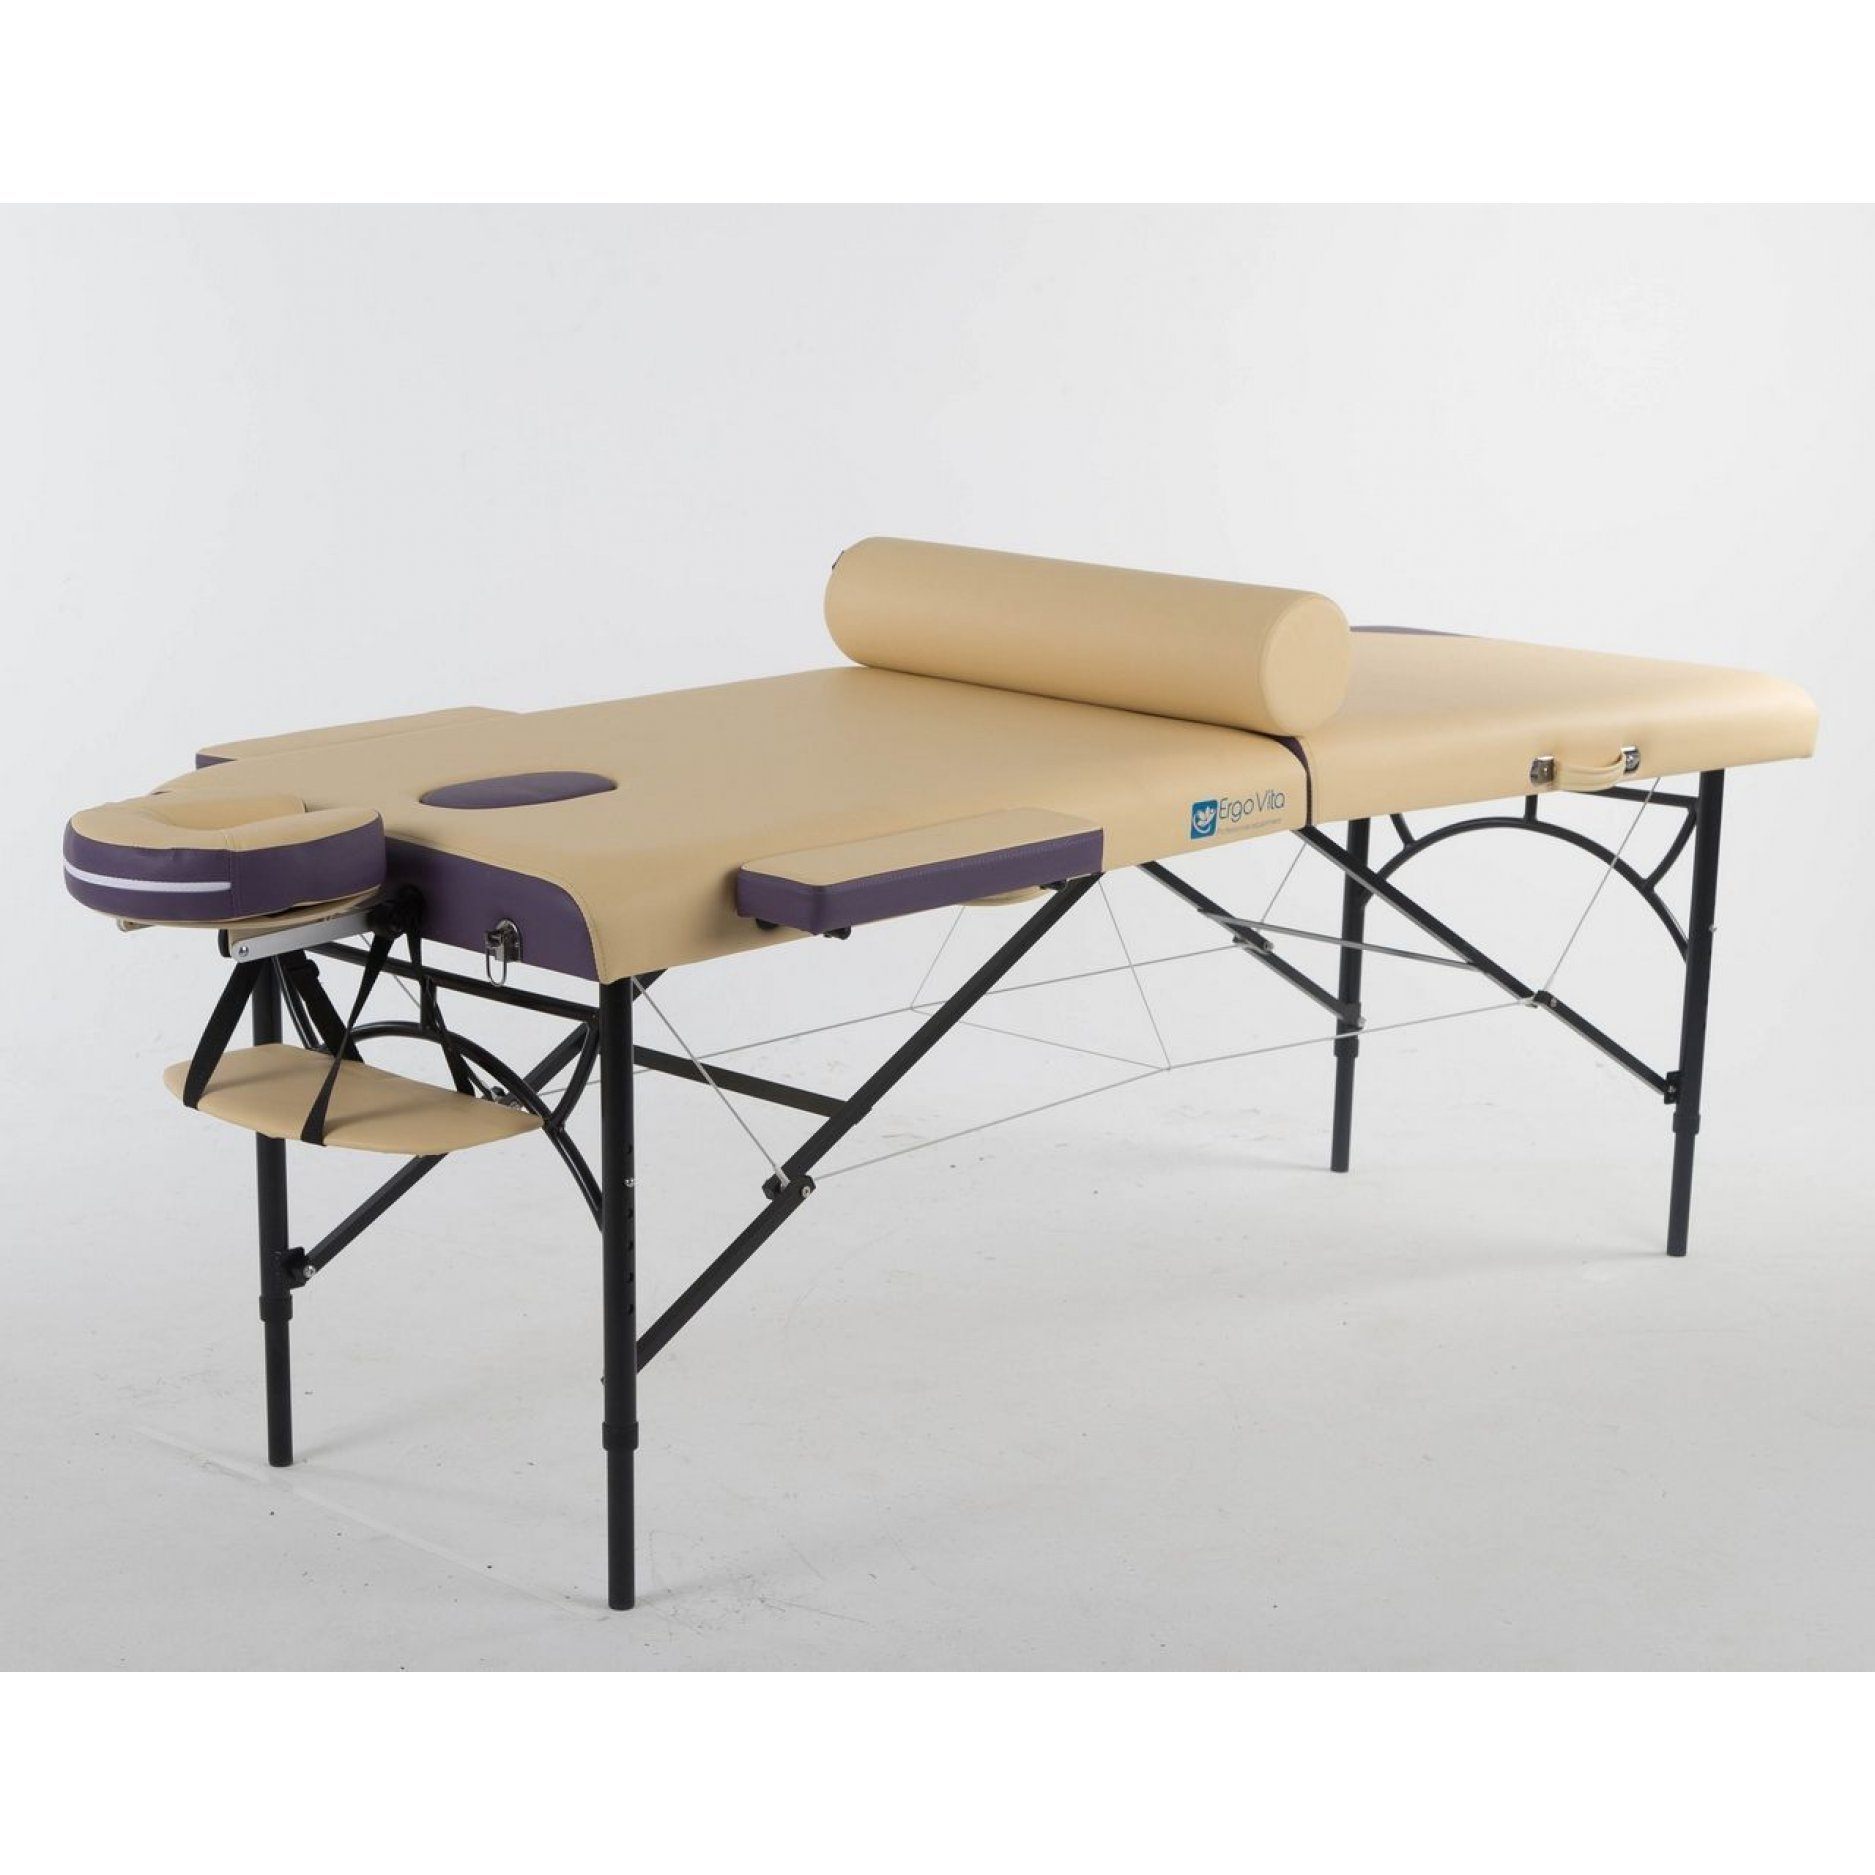 Складной массажный стол ErgoVita Master Alu Comfort бежевый+фиолетовый